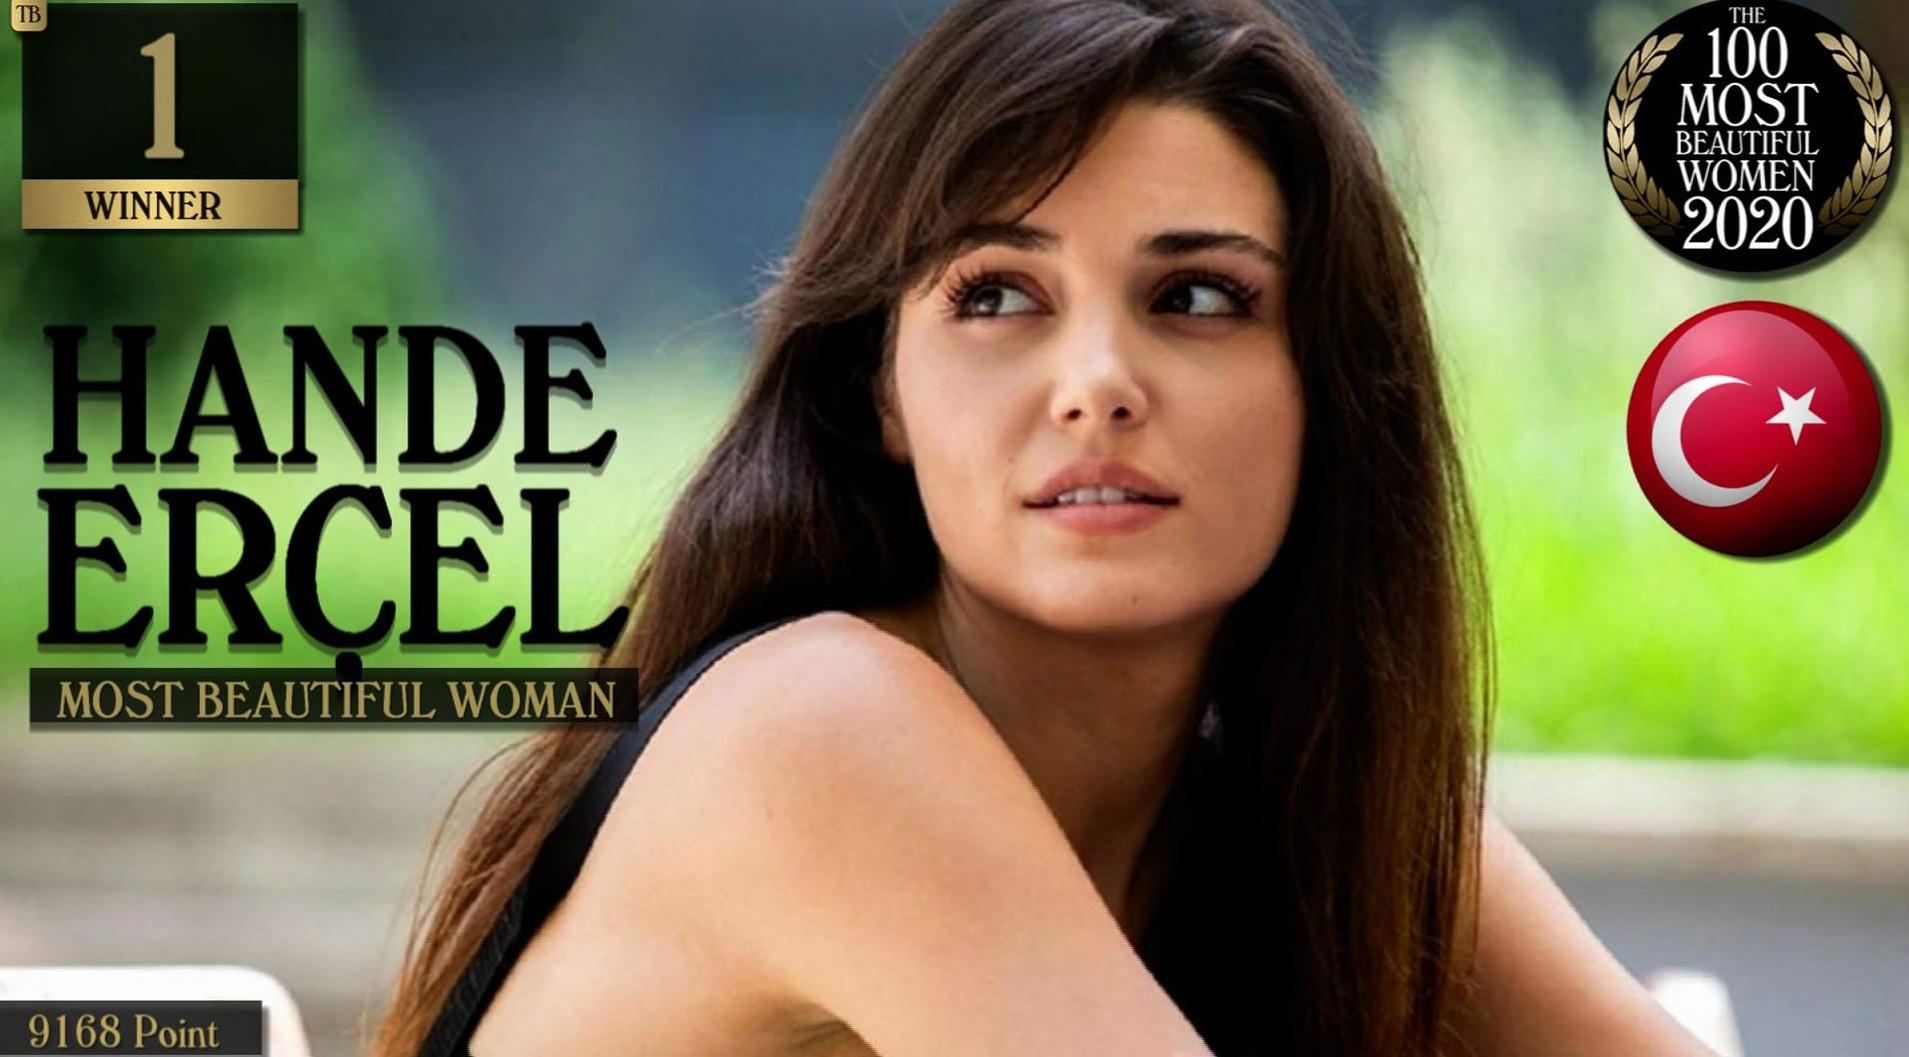 profil Hande Ercel Jadi Wanita Tercantik di Dunia , Cek Faktanya Disini